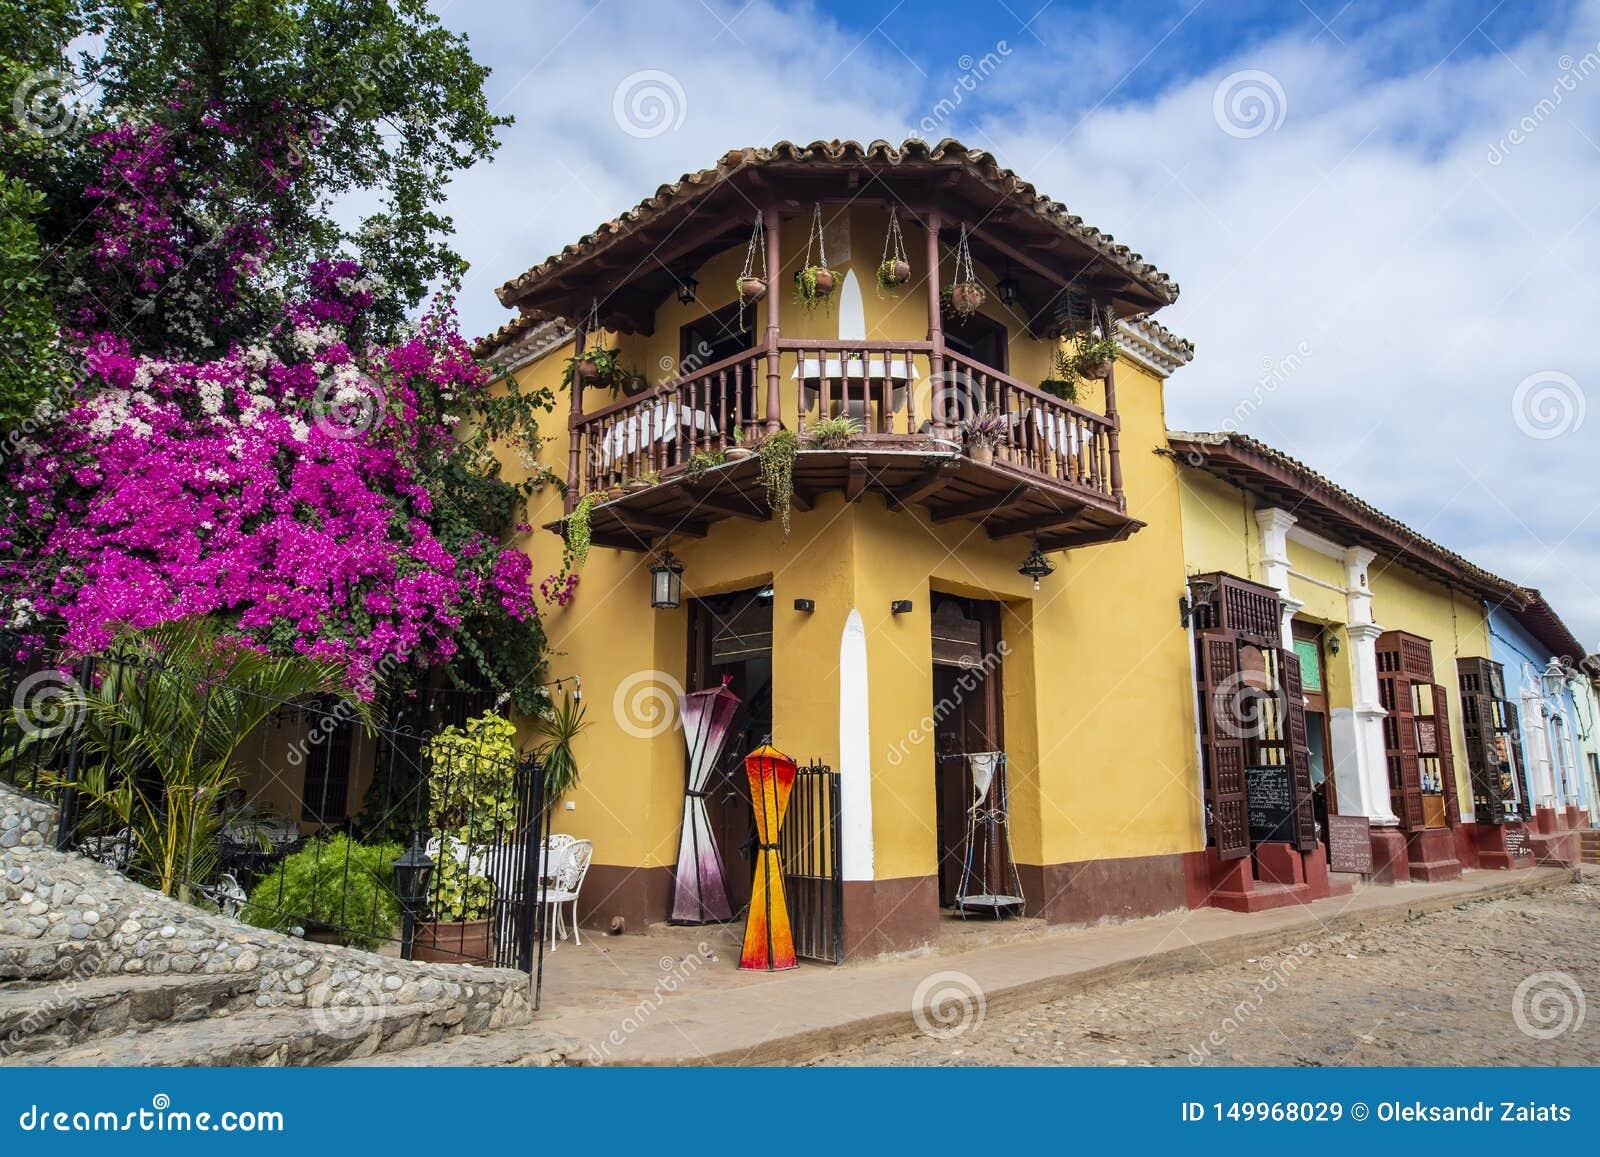 Kuba Trinidad Ecke des alten Gebäuderestaurants mit zwei Böden mit den violetten und purpurroten Blumen Sch?ner Himmel mit Wolken